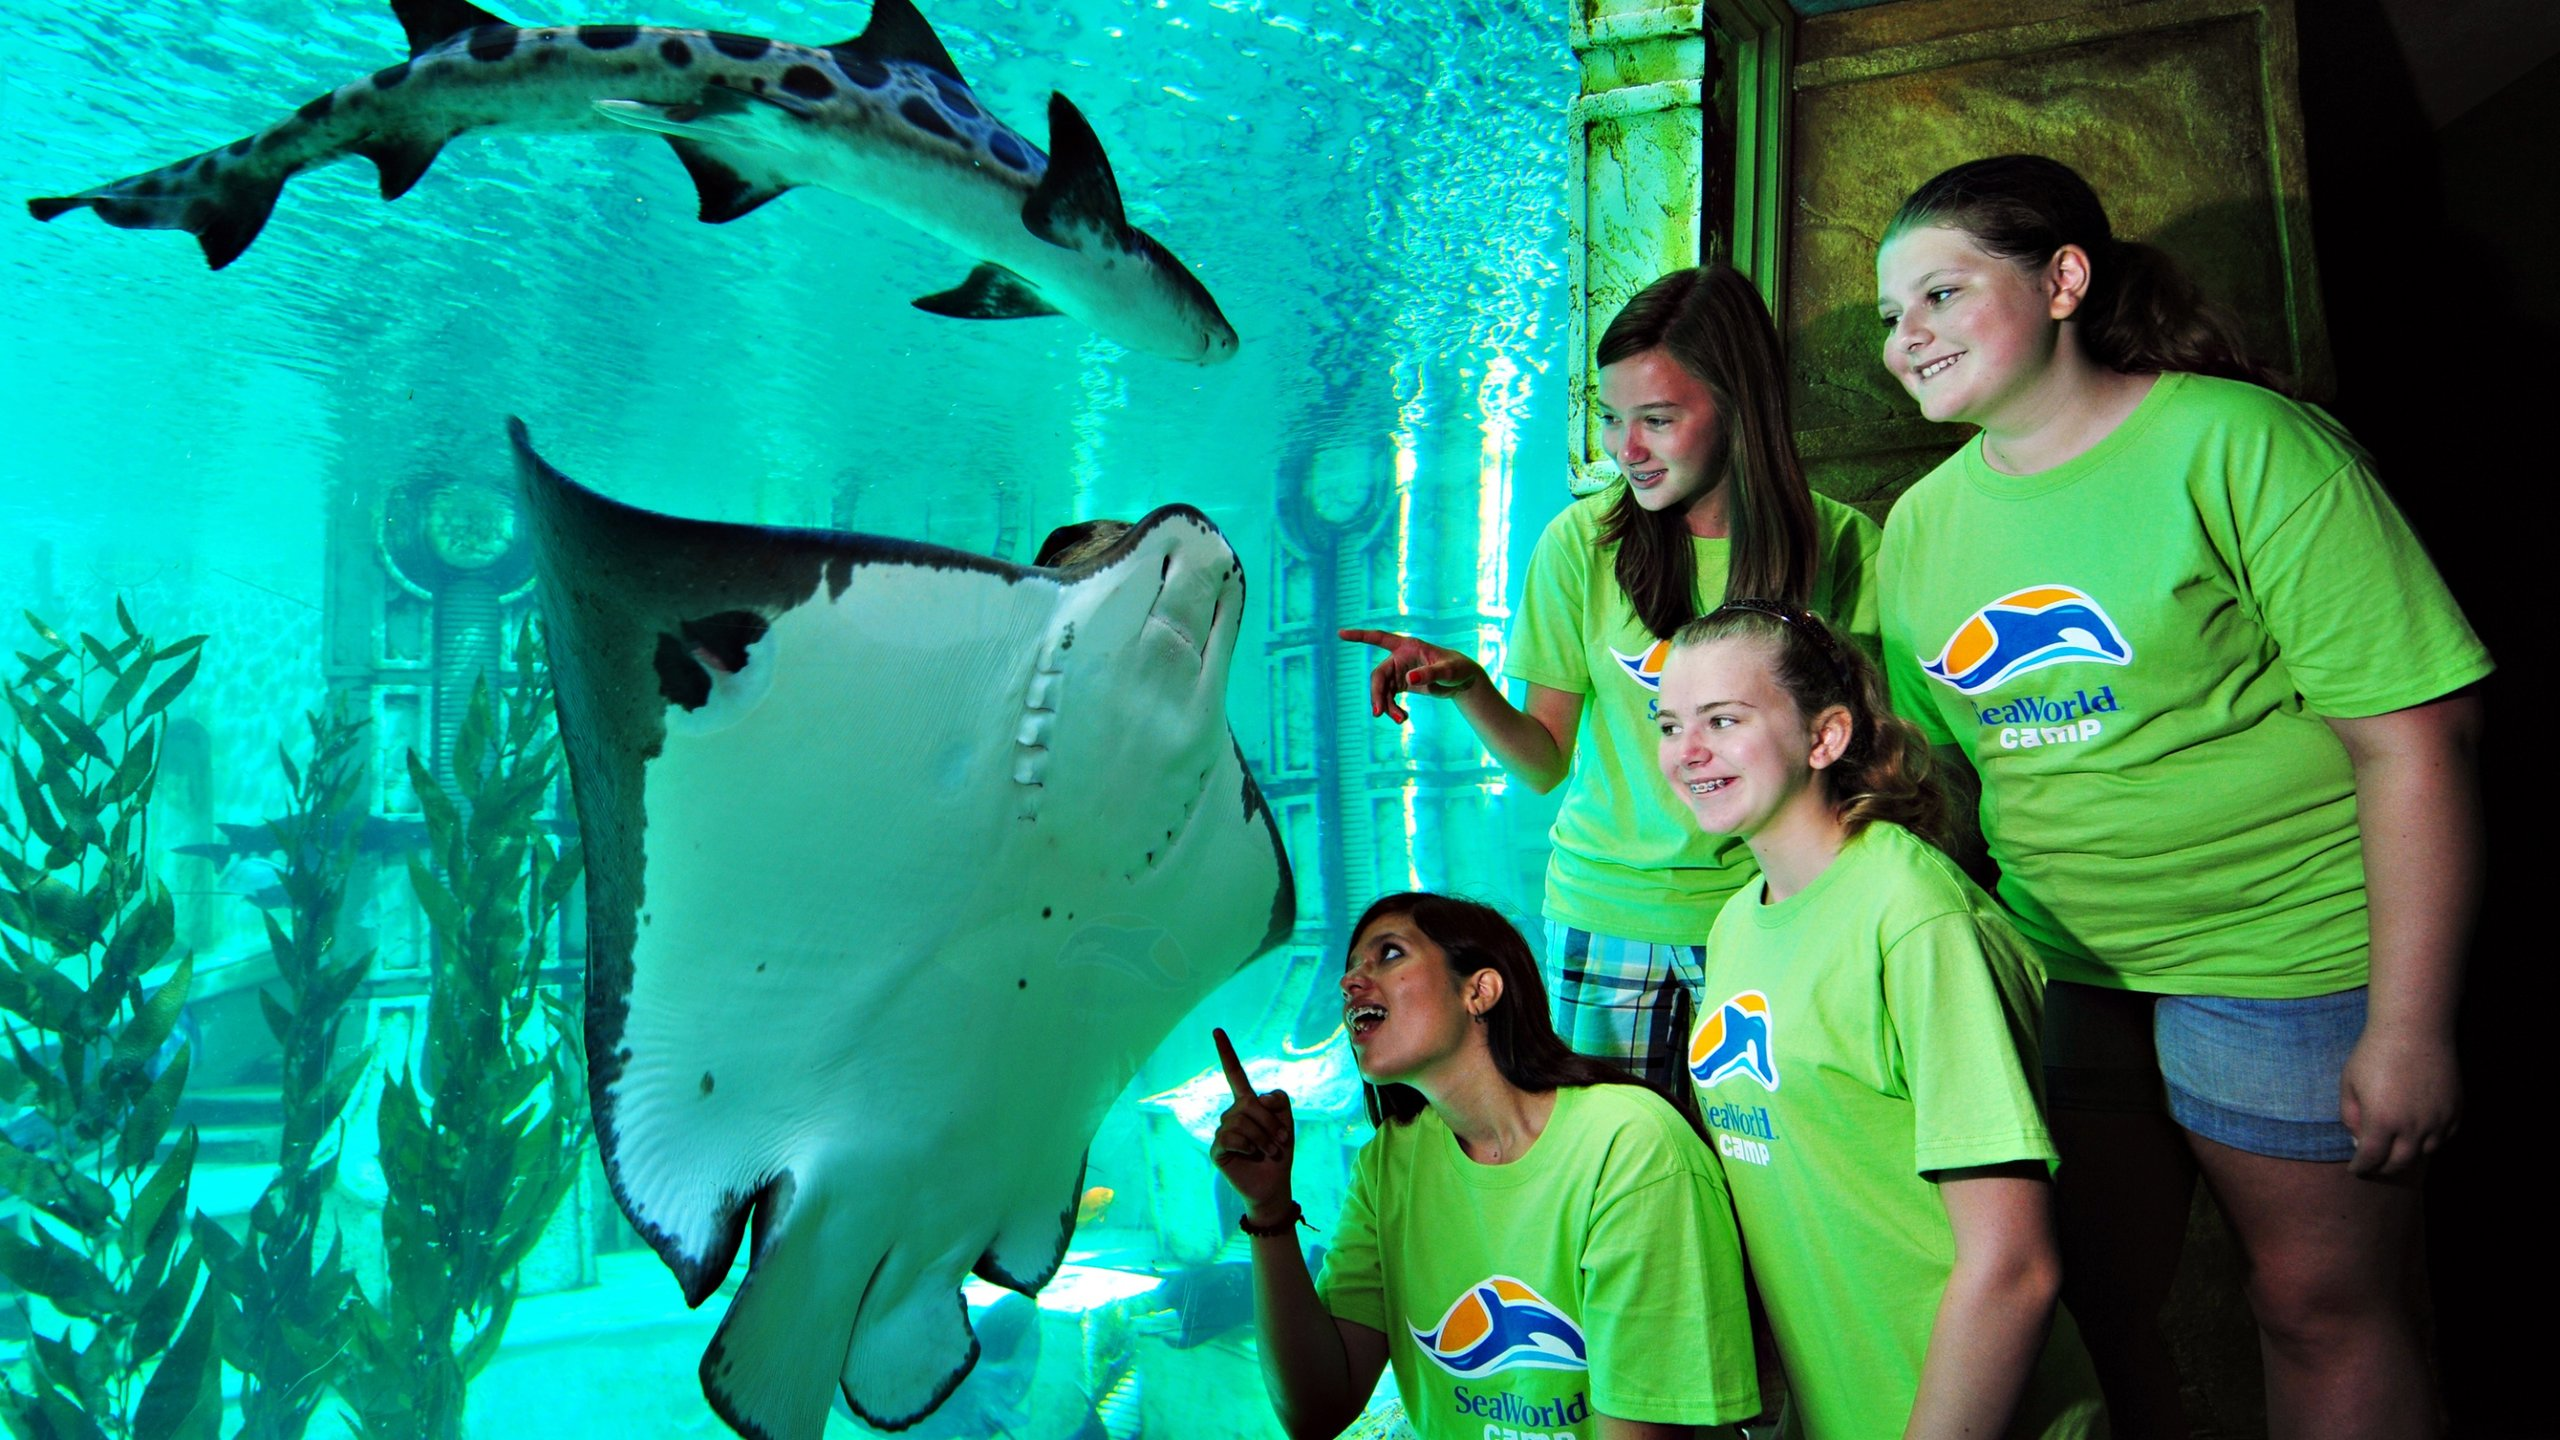 Destino favorito para férias em família, o local oferece incríveis atividades de interação com animais, passeios divertidos e exibições informativas.